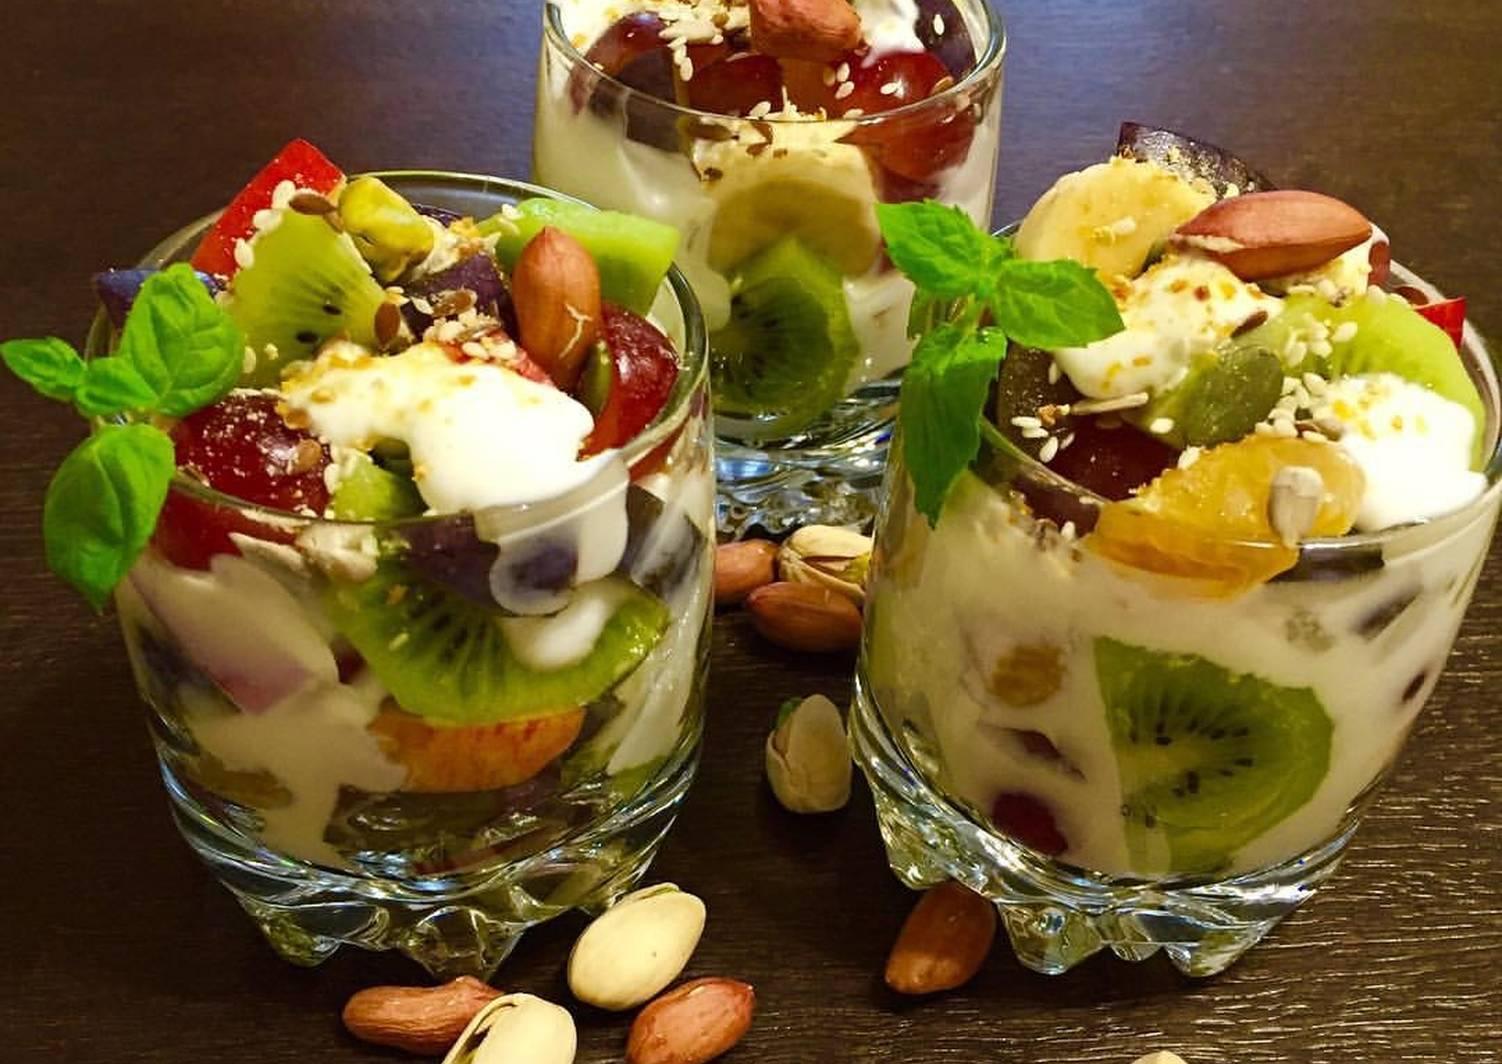 фруктовый салат пошаговый рецепт с фото они могут определить